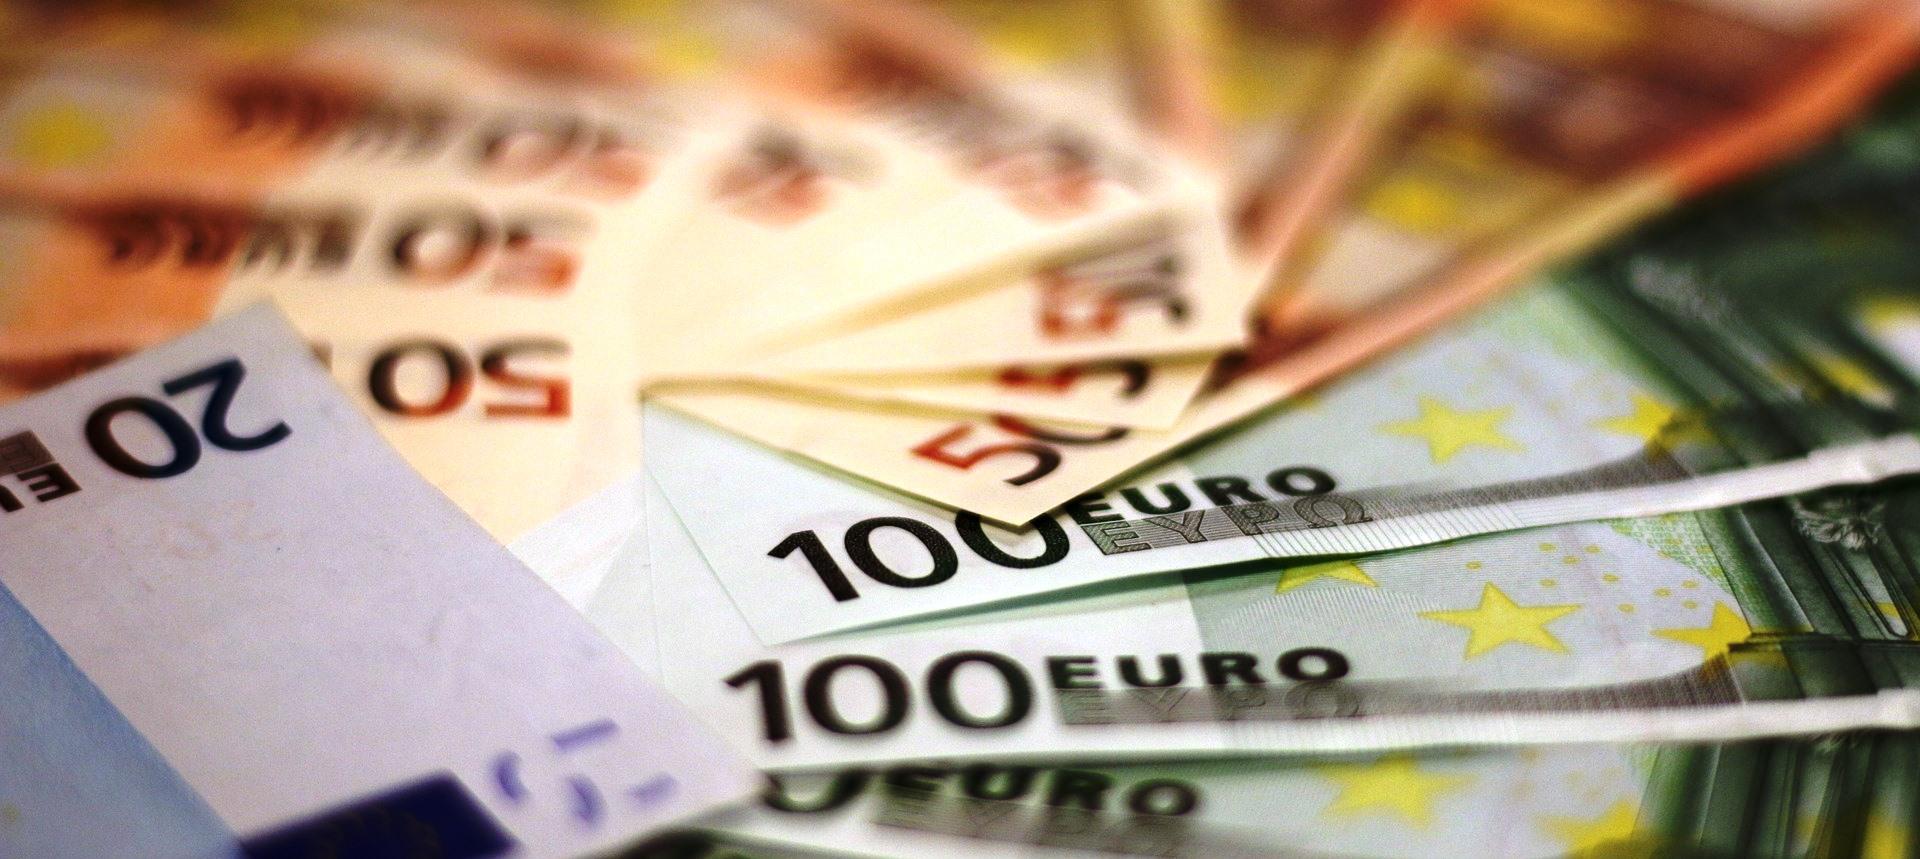 Lebensziel: Finanzielle Absicherung und finanzielle Unabhängigkeit